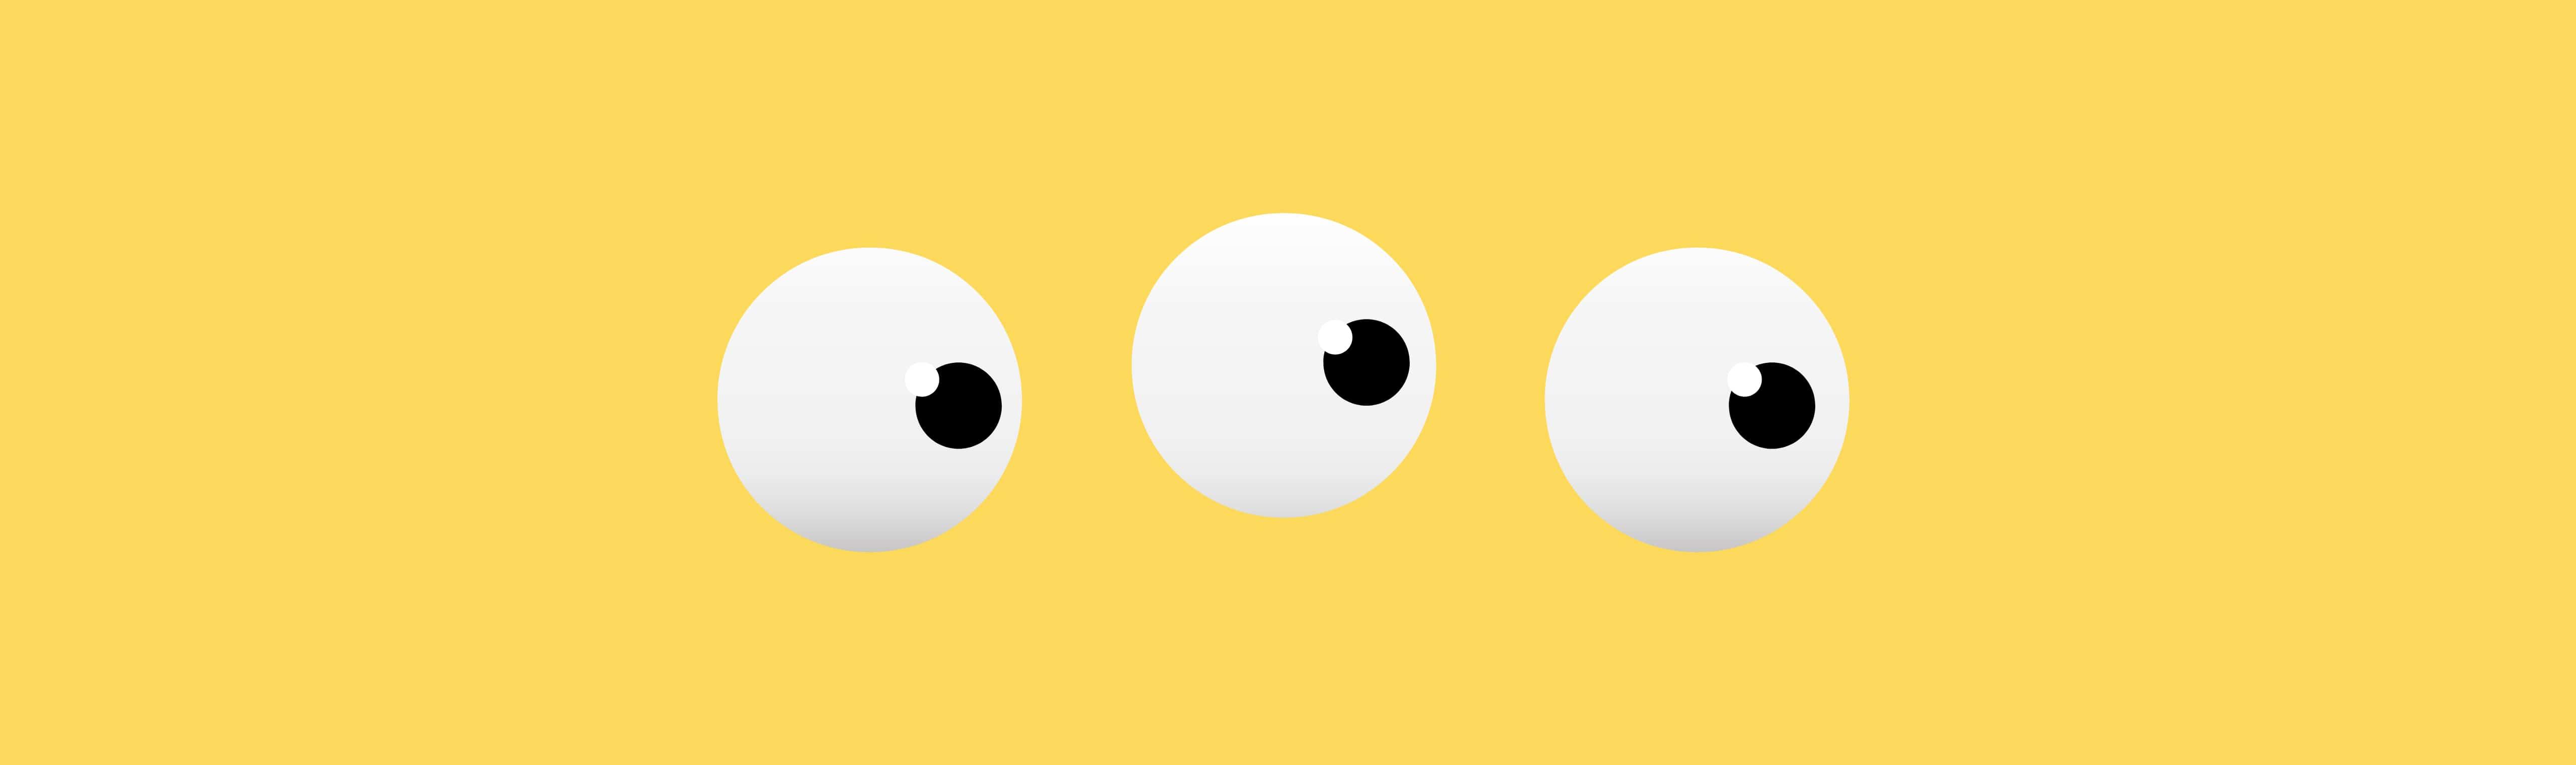 Metrolink Monsters yellow eyes